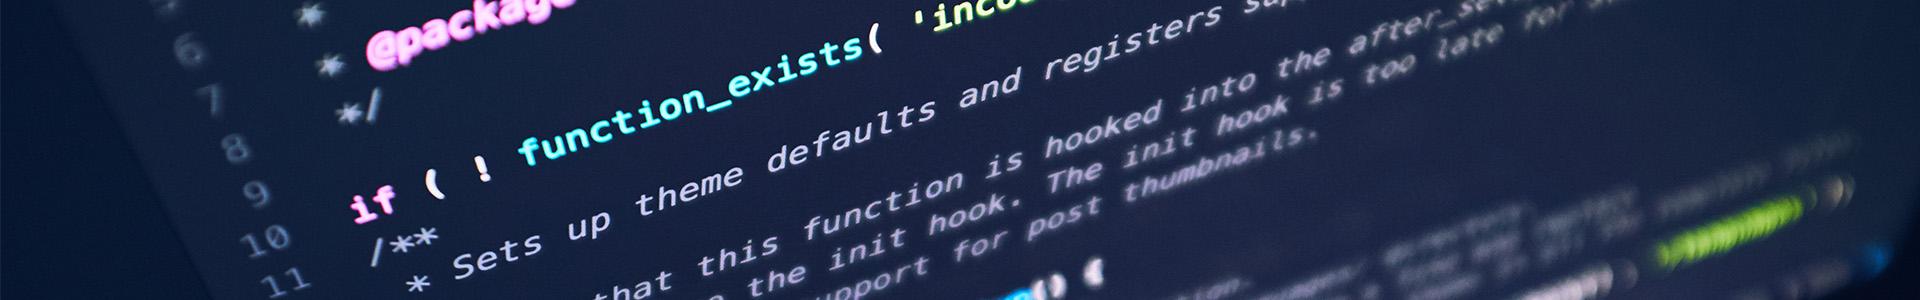 slide team work promos code